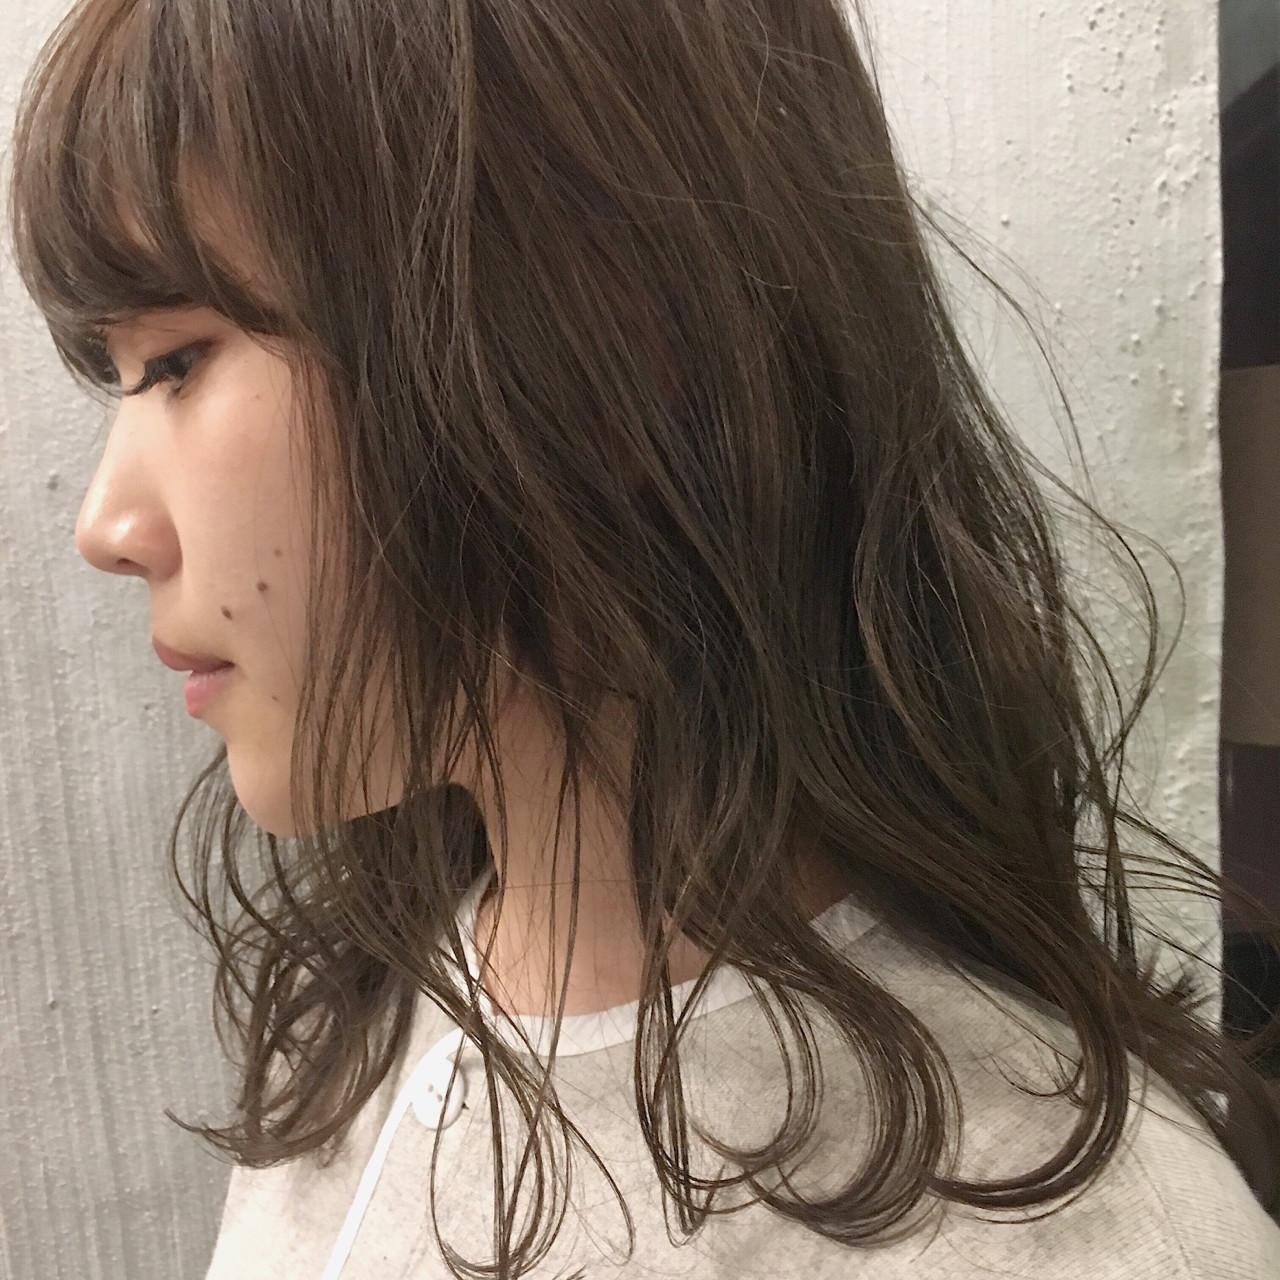 デート ミディアム アッシュ ニュアンス ヘアスタイルや髪型の写真・画像